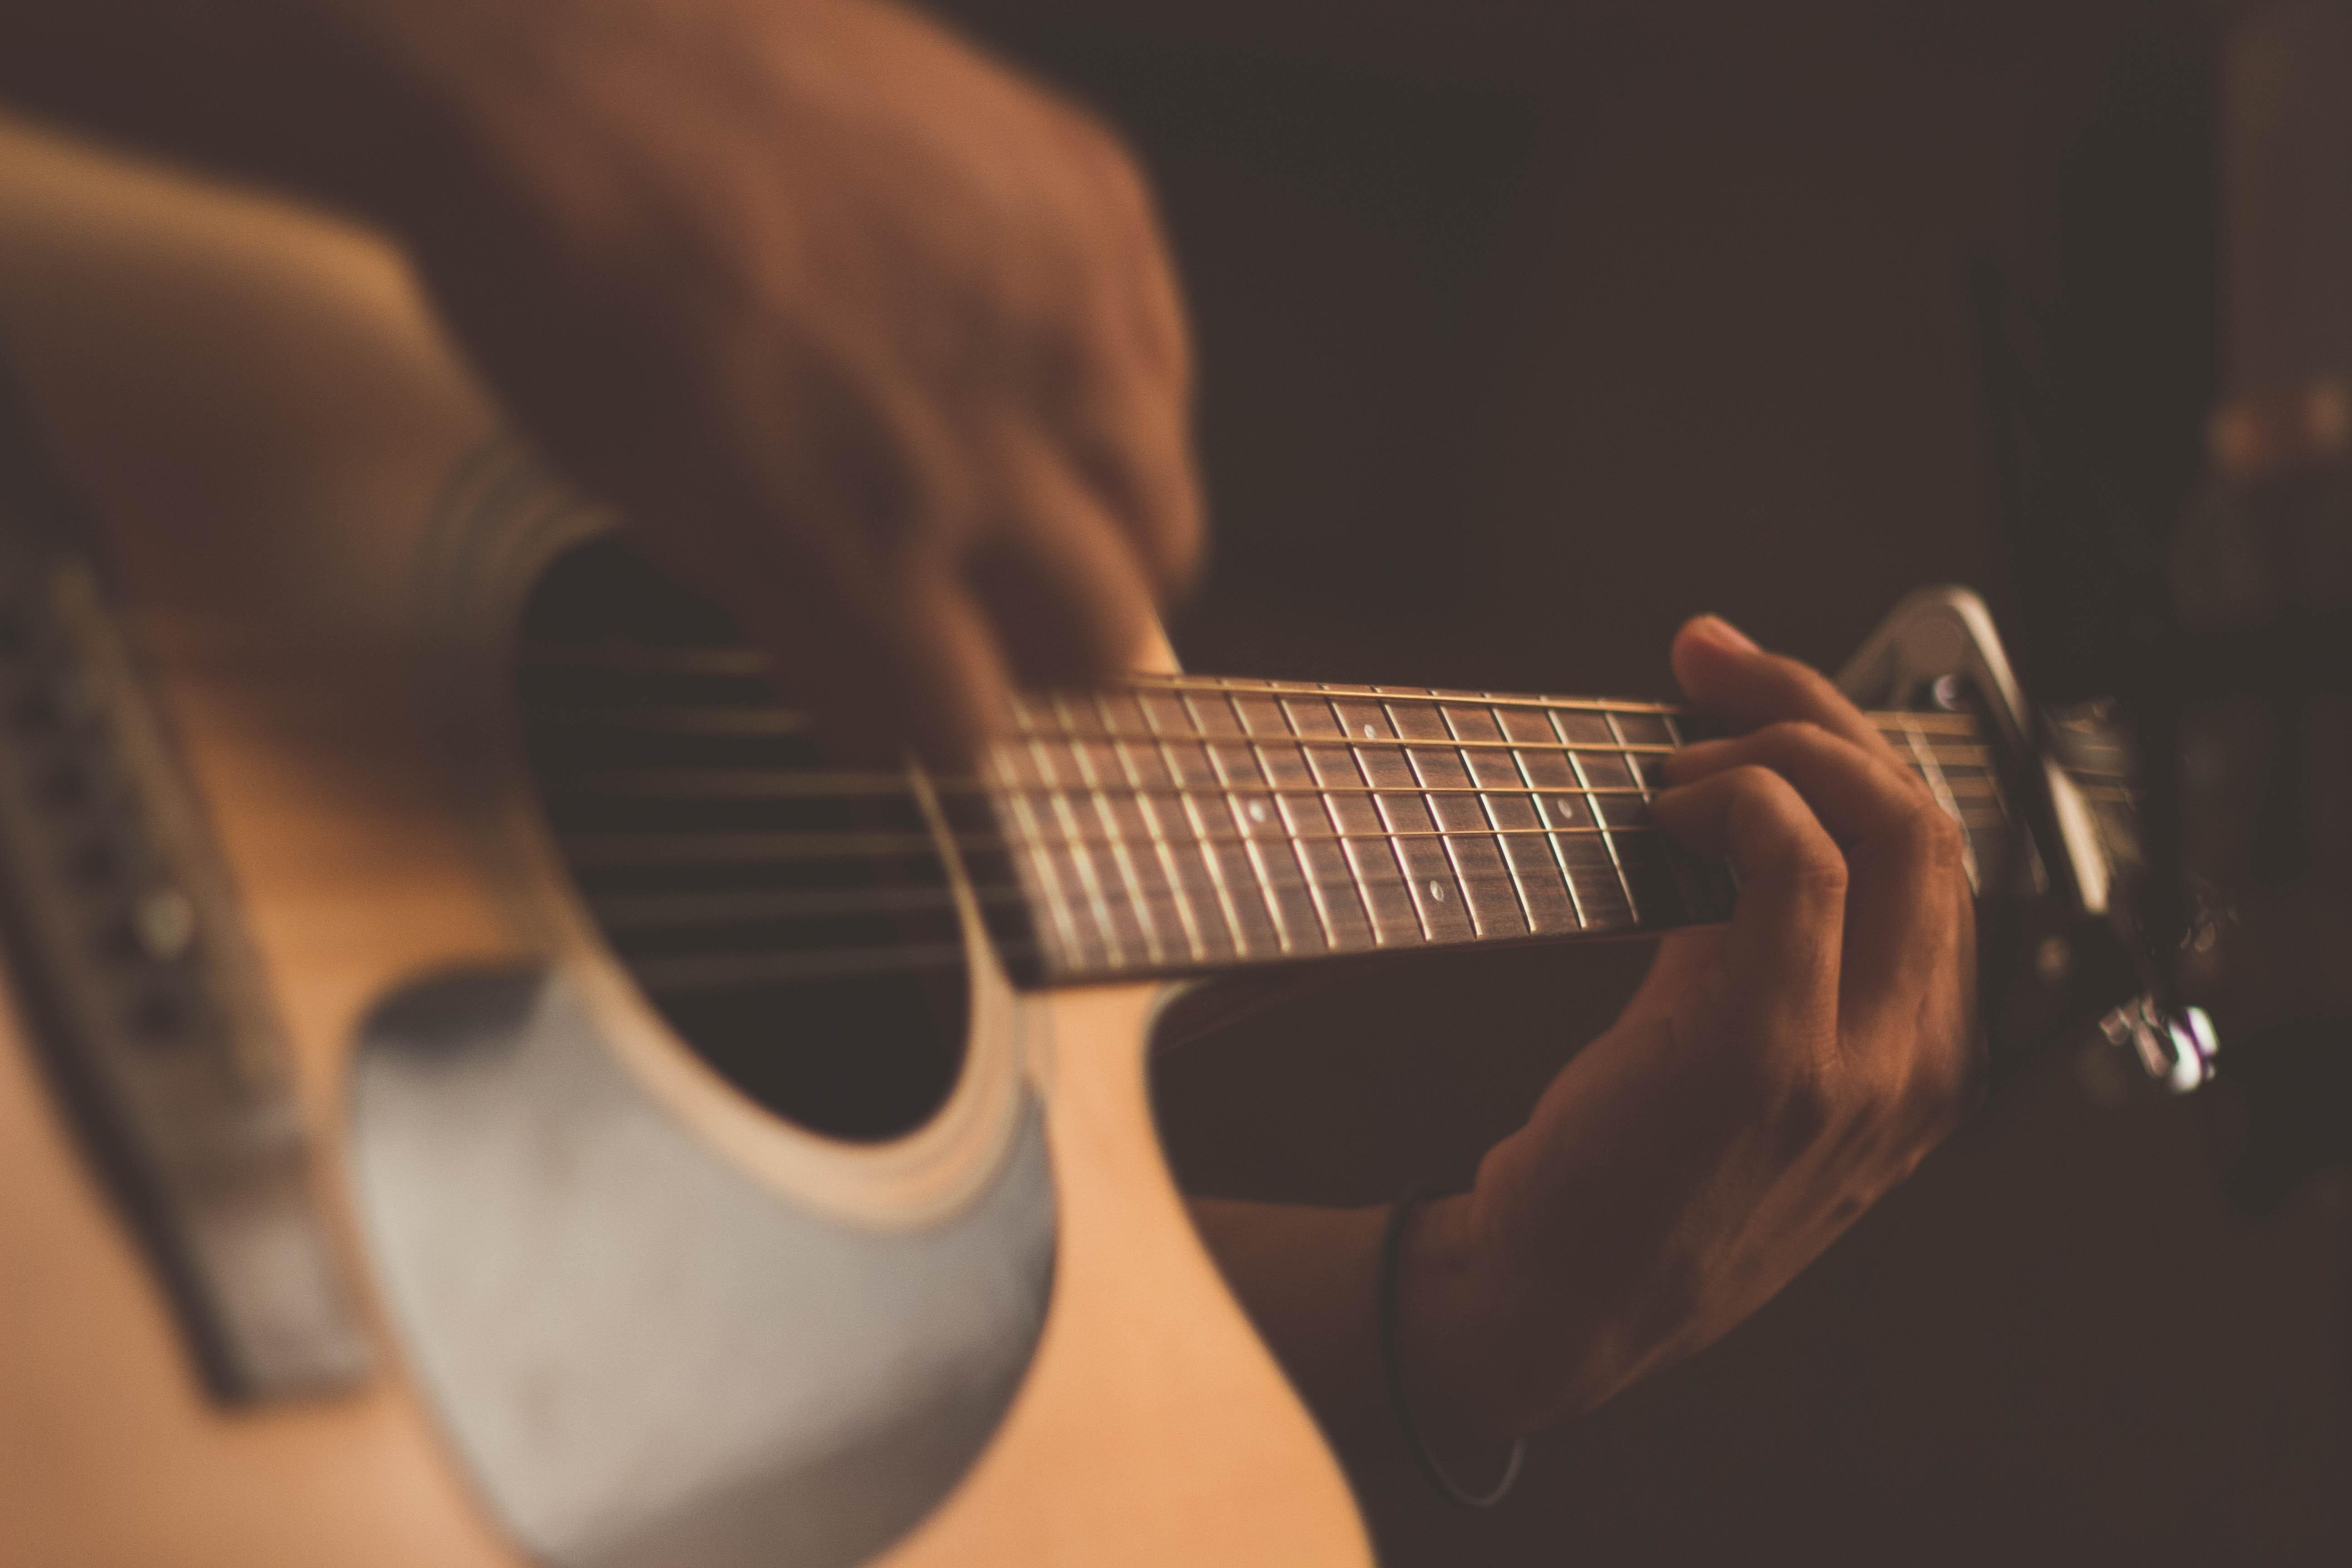 Højskoler og musikundervisning